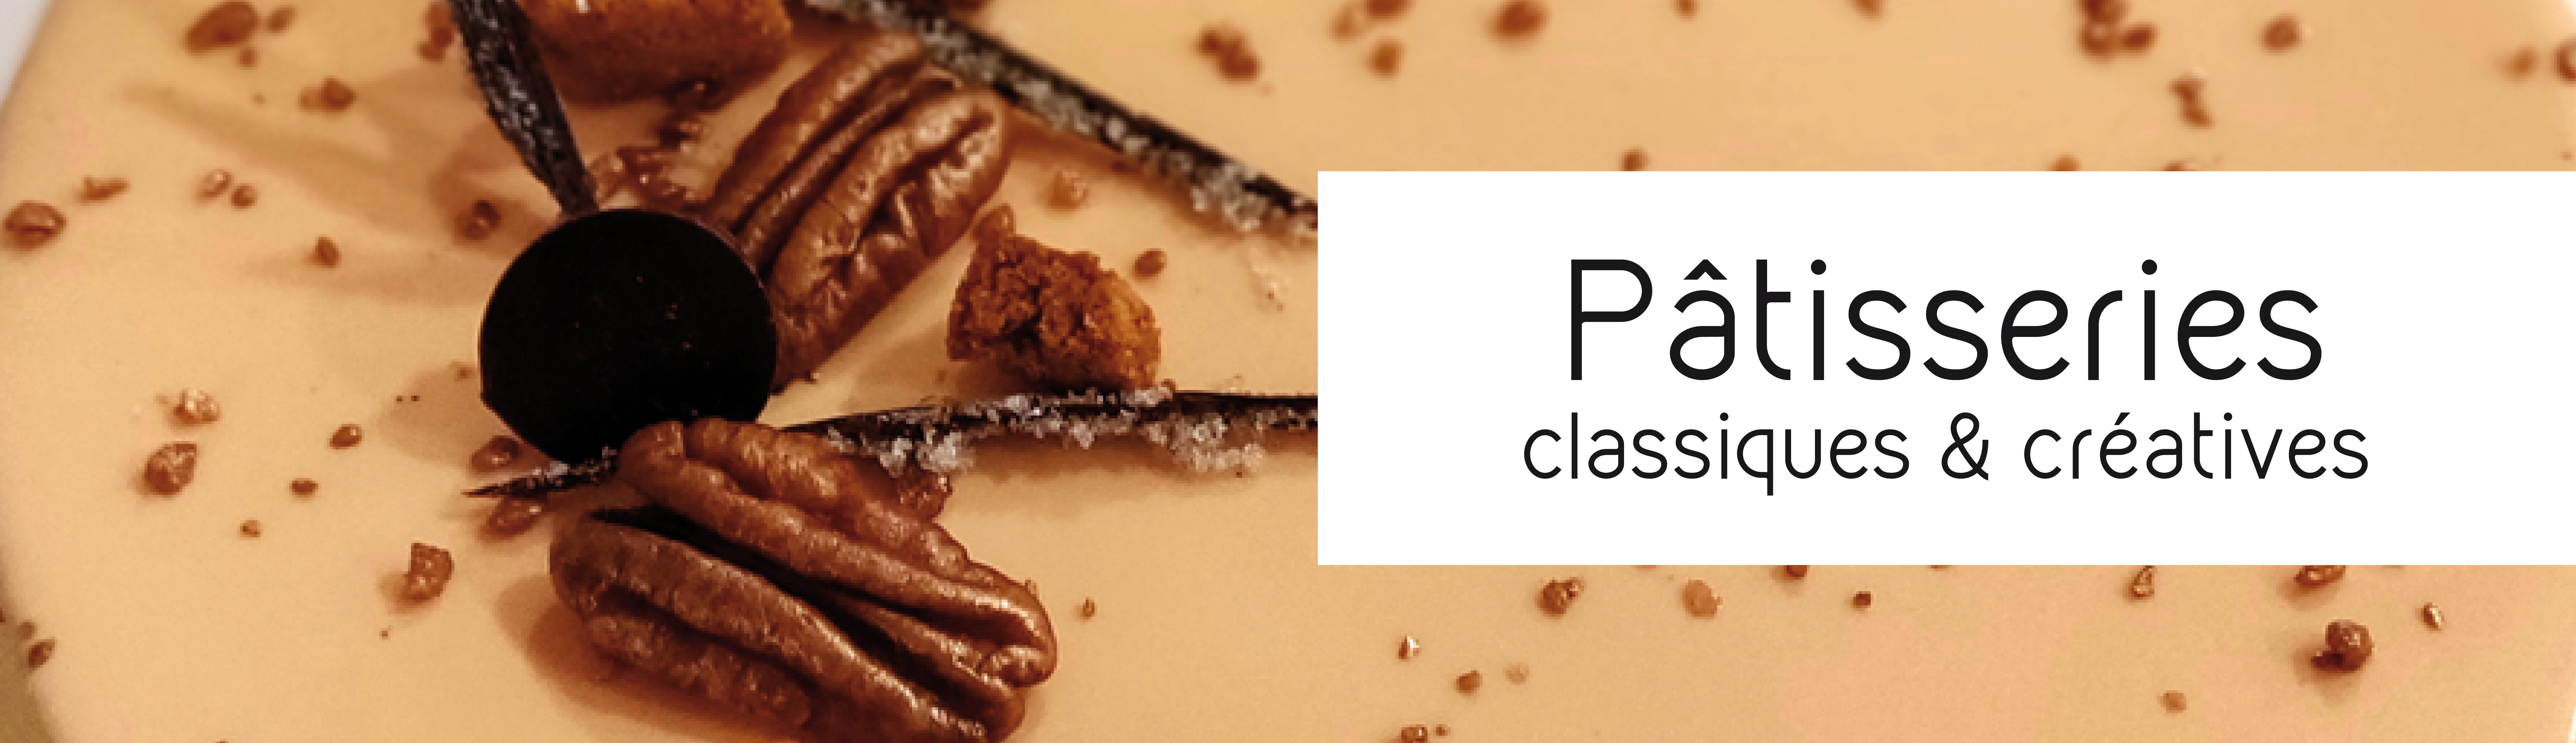 Pâtisseries classique ou créatives